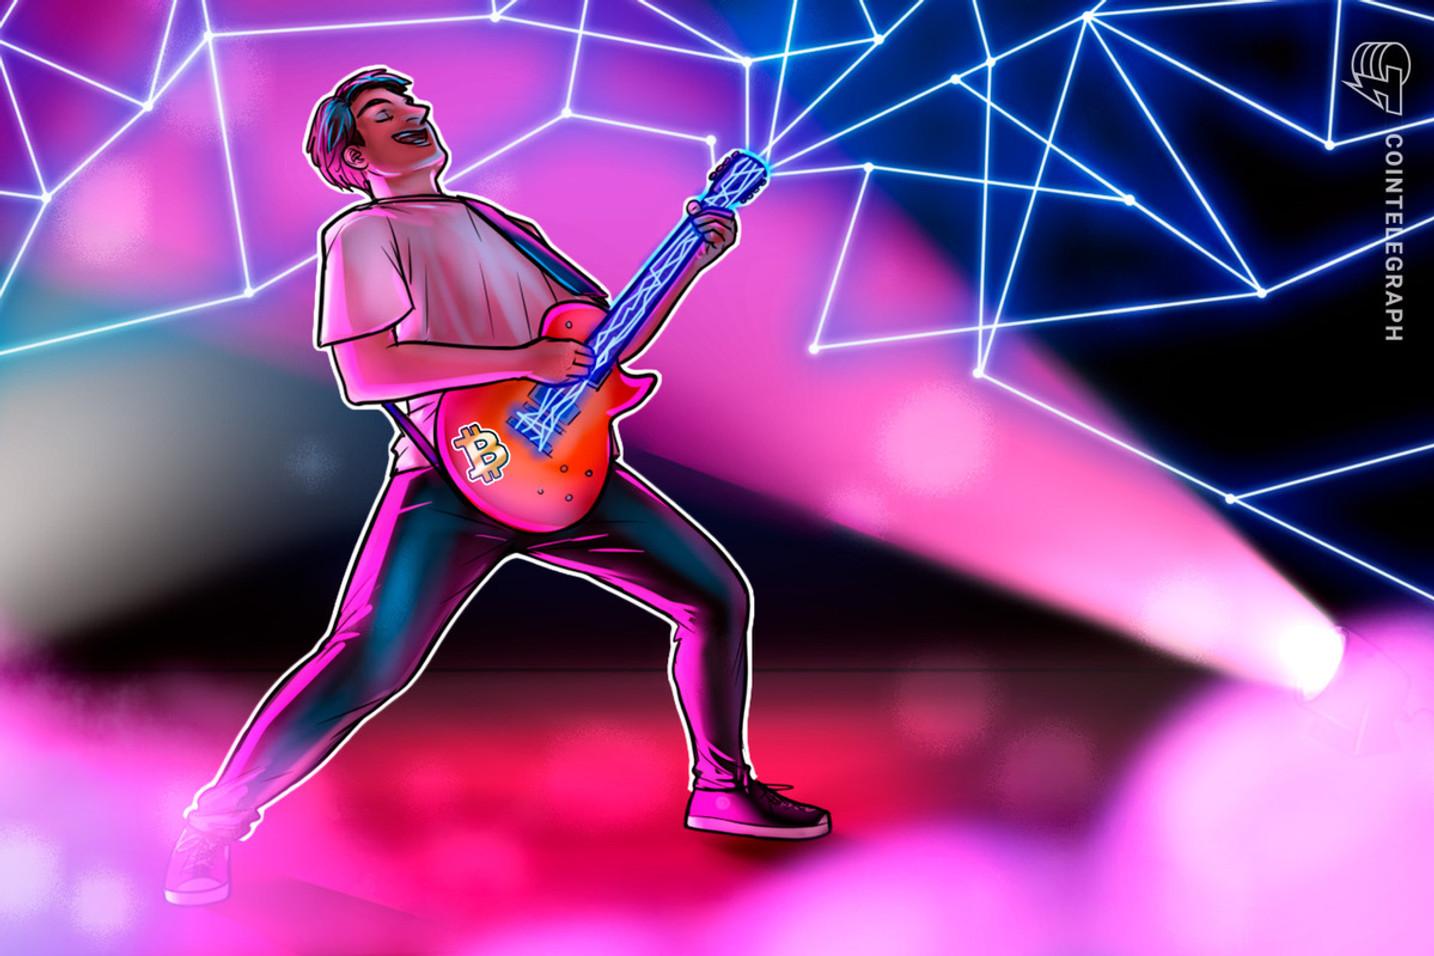 El proveedor de música digital online, Beatport, aceptará Bitcoin como forma de pago en su web